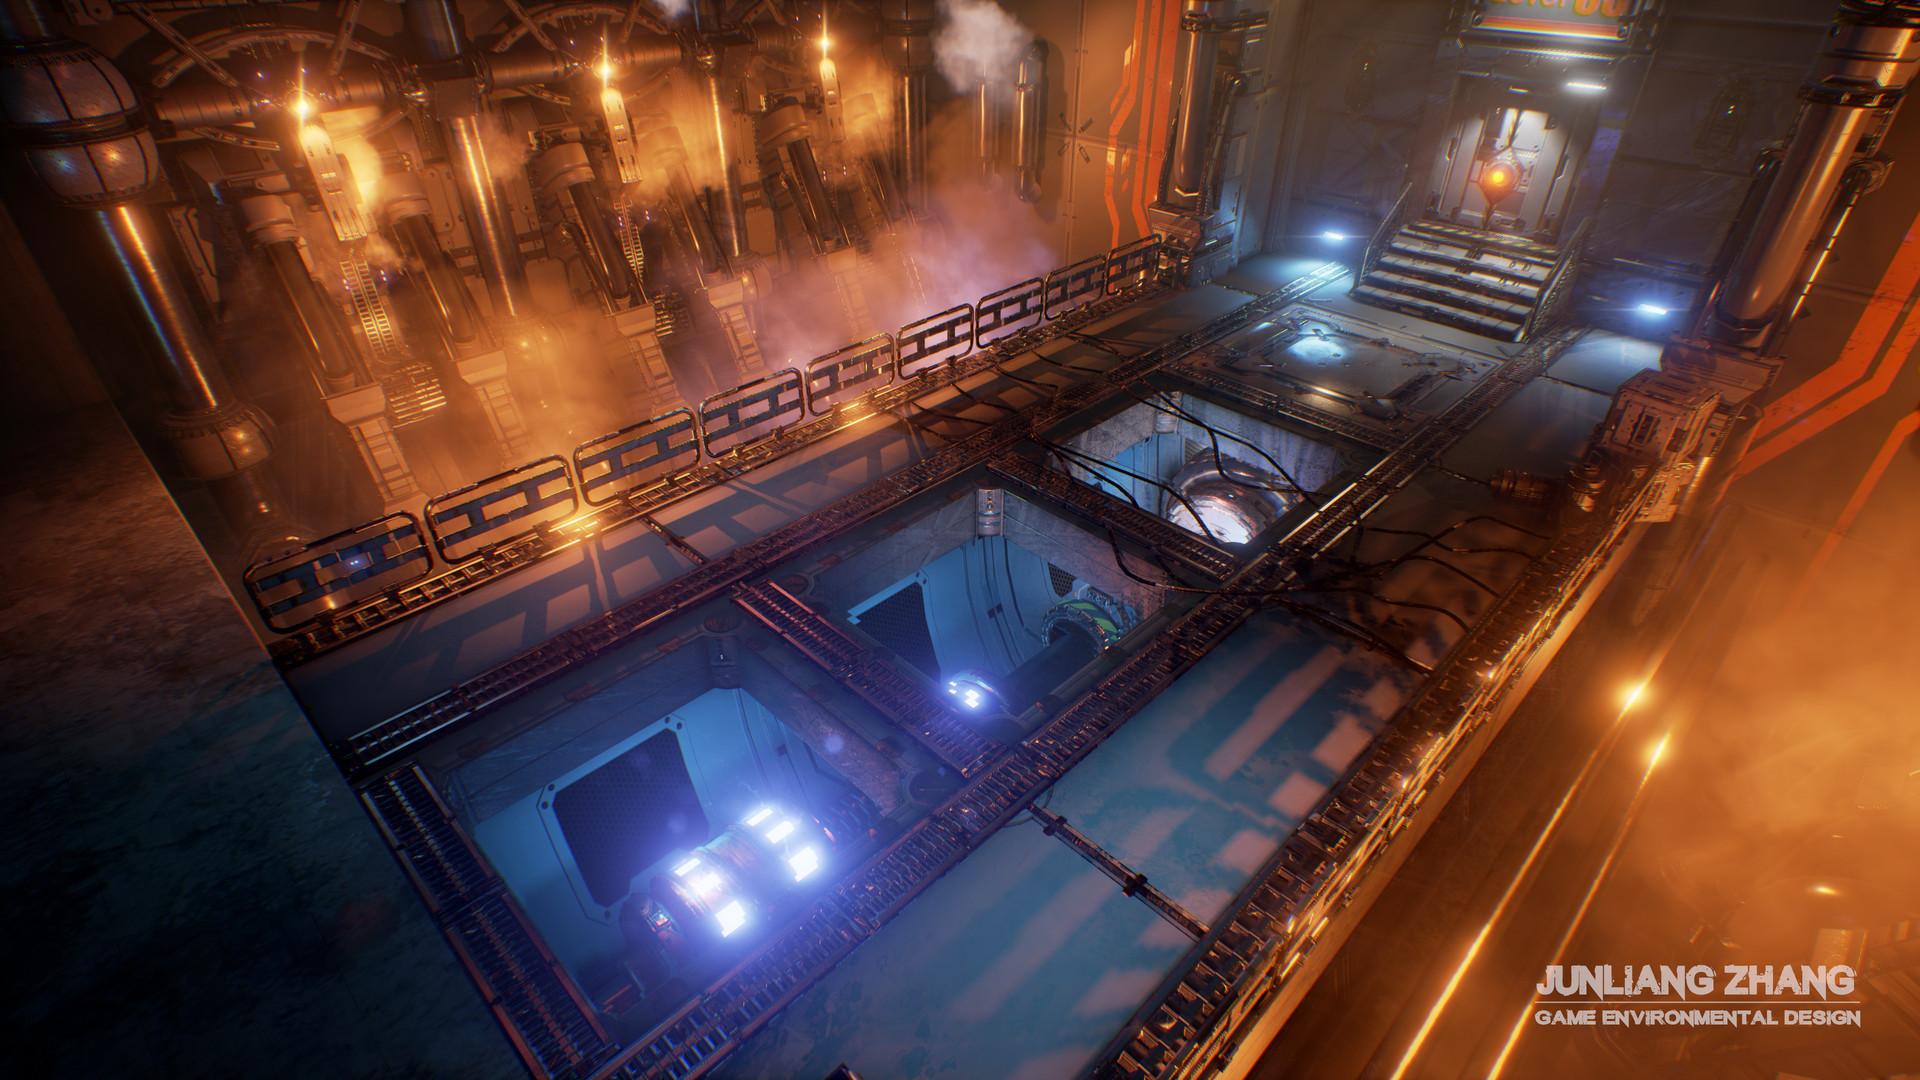 Junliang zhang sci fi core 2